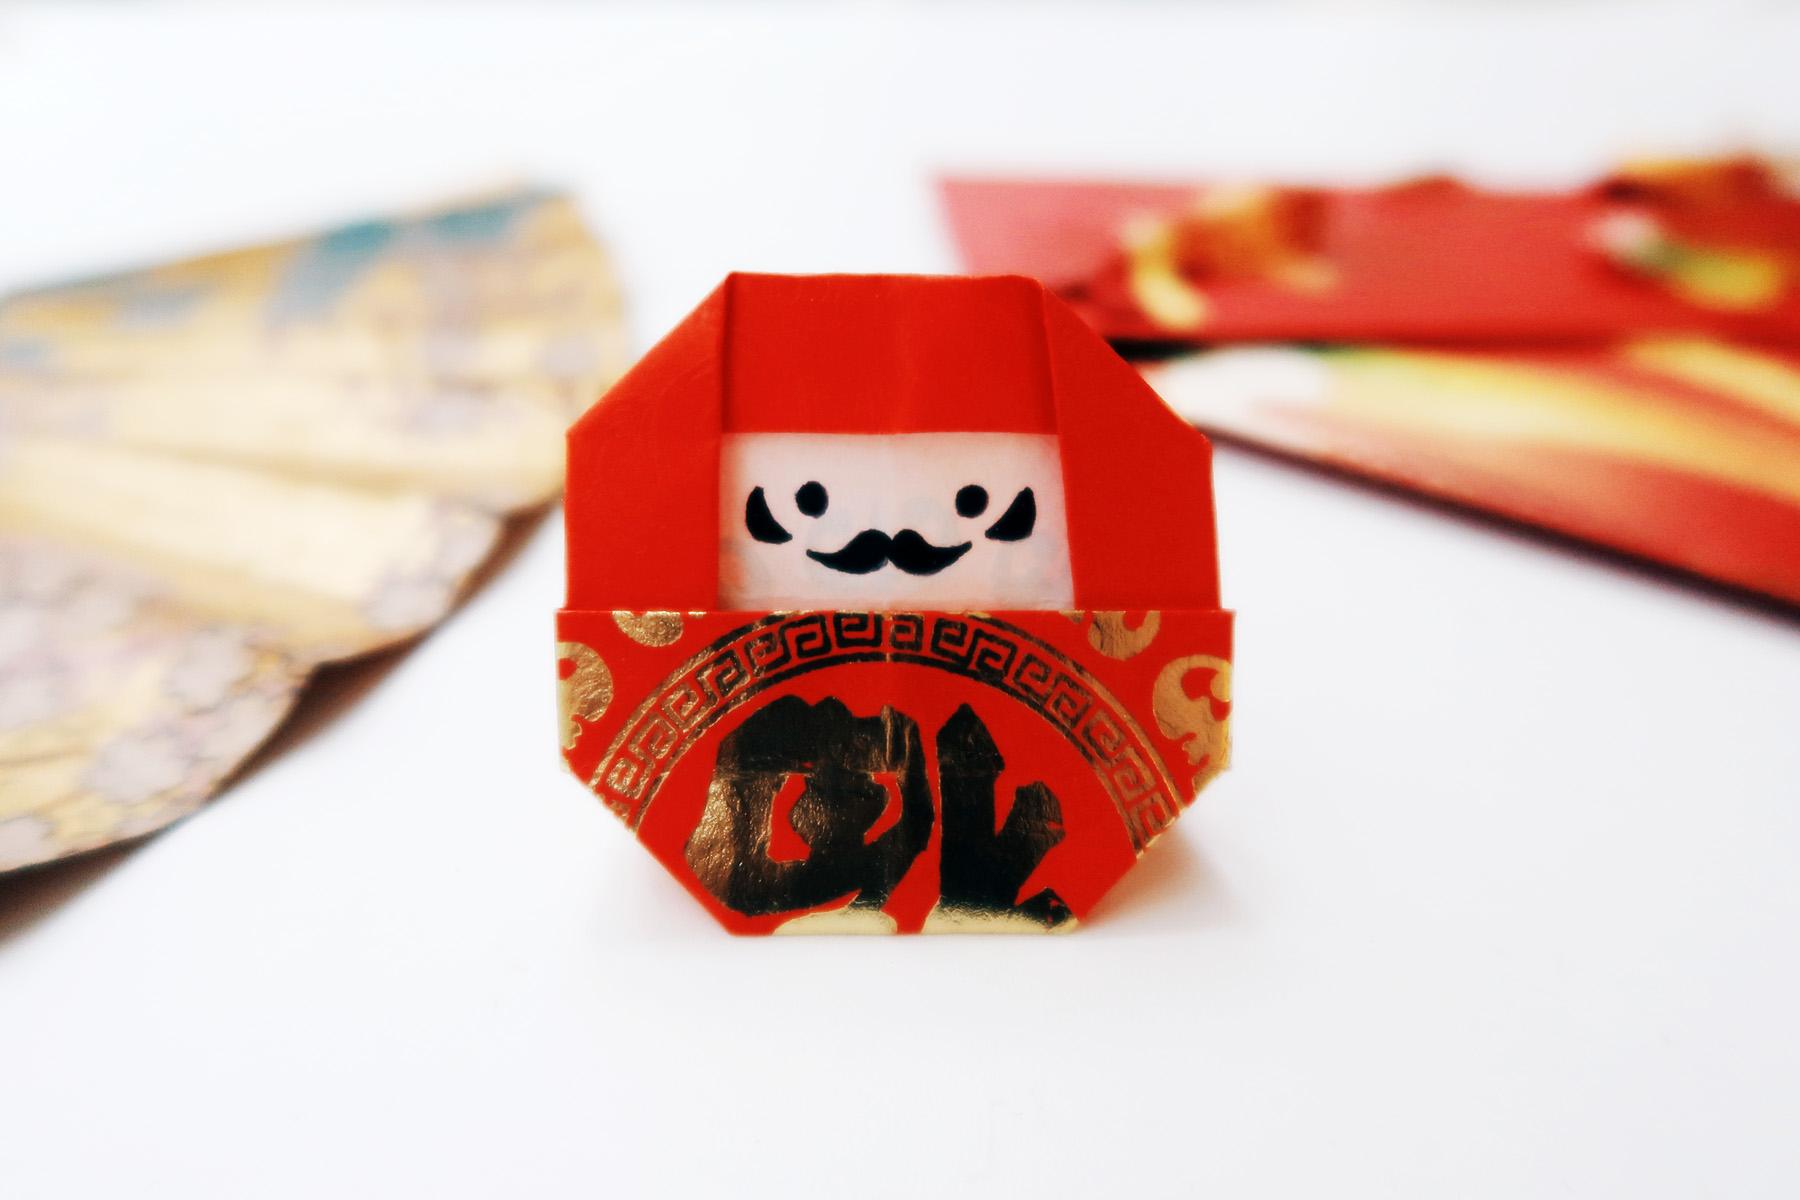 / 灰調 / DIY手作小教學:摺紙達摩福神